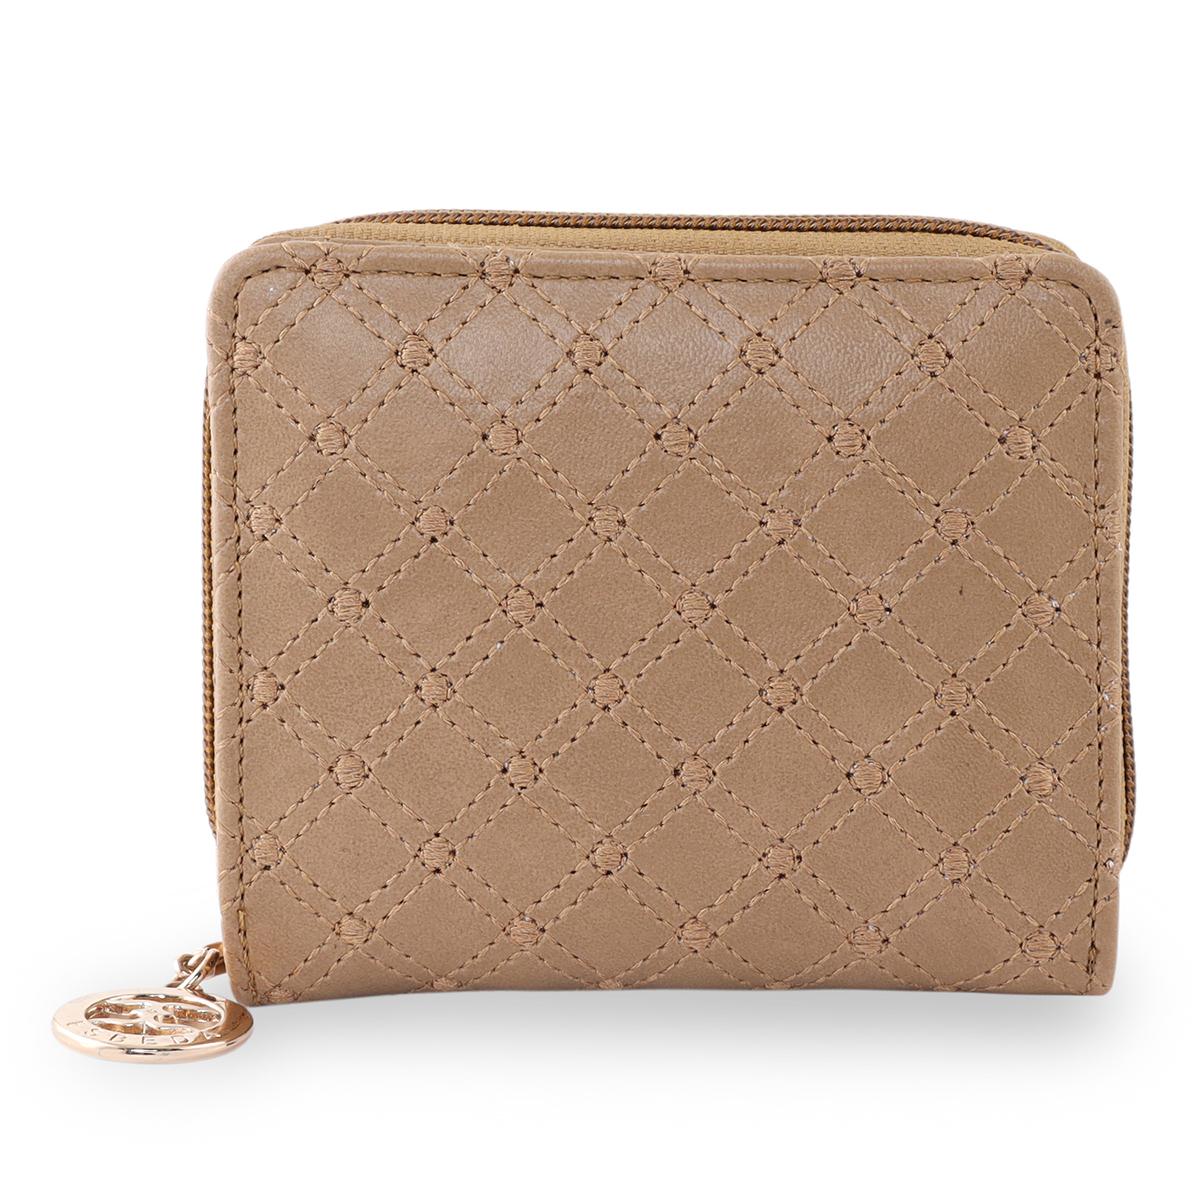 ESBEDA | ESBEDA Beige Color Elegance Embroidered Design Wallet For Women